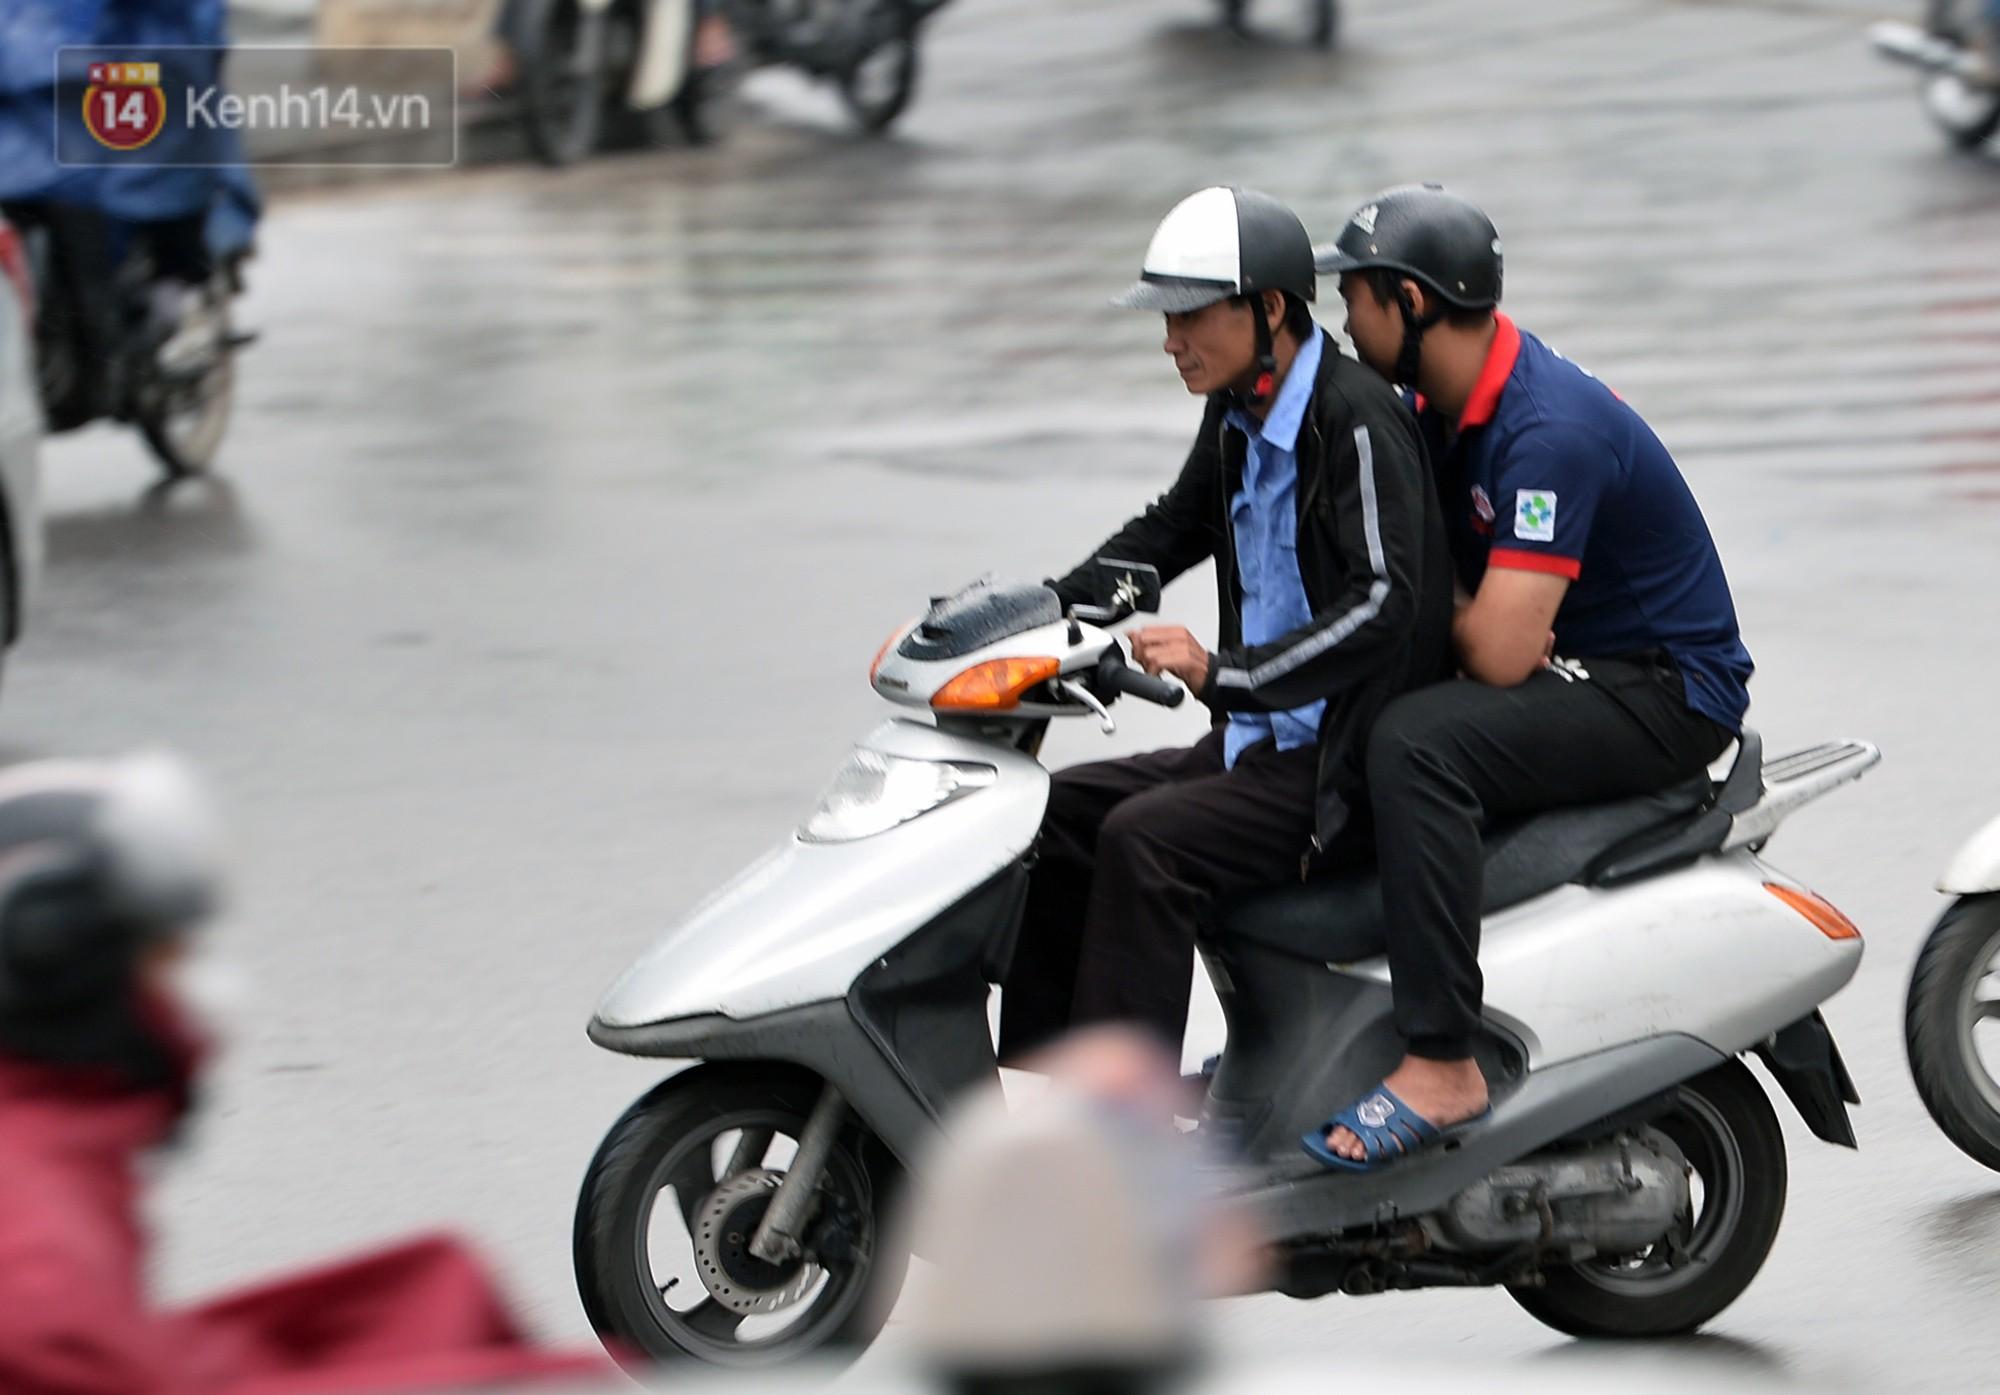 Chùm ảnh: Hà Nội giảm nhiệt độ, người mặc áo khoác dày, người quần đùi áo cộc xuống phố - Ảnh 7.